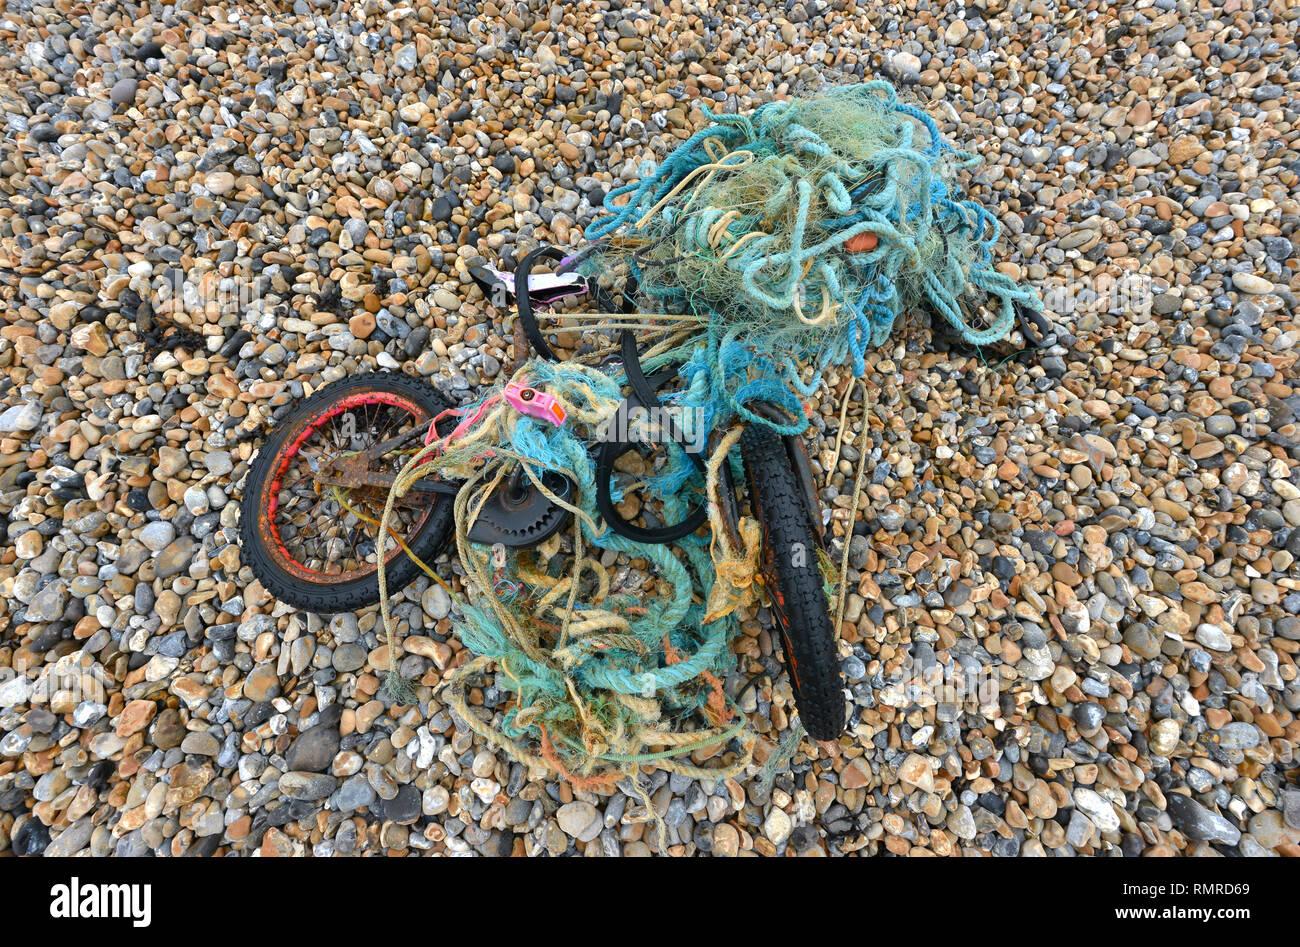 Vecchia moto aggrovigliato in una plastica rete da pesca, scartati su una spiaggia, East Sussex, Regno Unito Immagini Stock